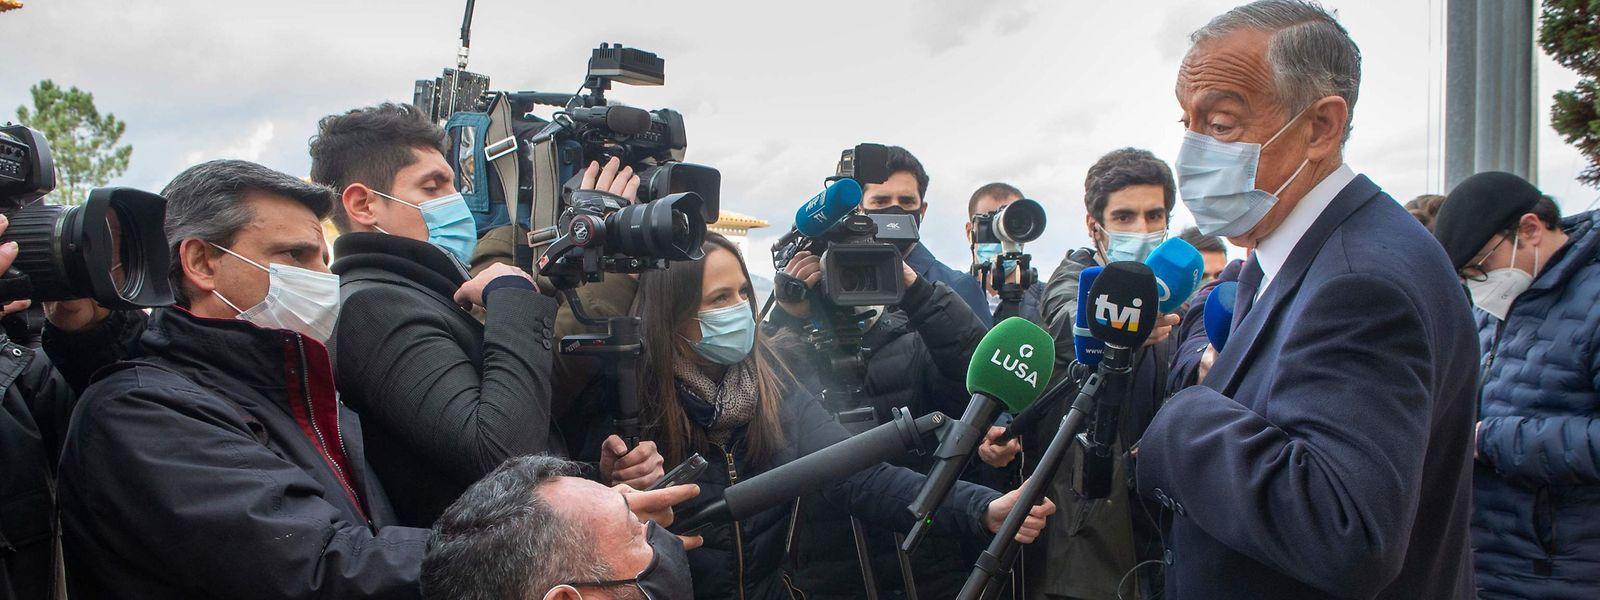 Marcelo Rebelo de Sousa (rechts) steht der Presse Rede und Antwort.